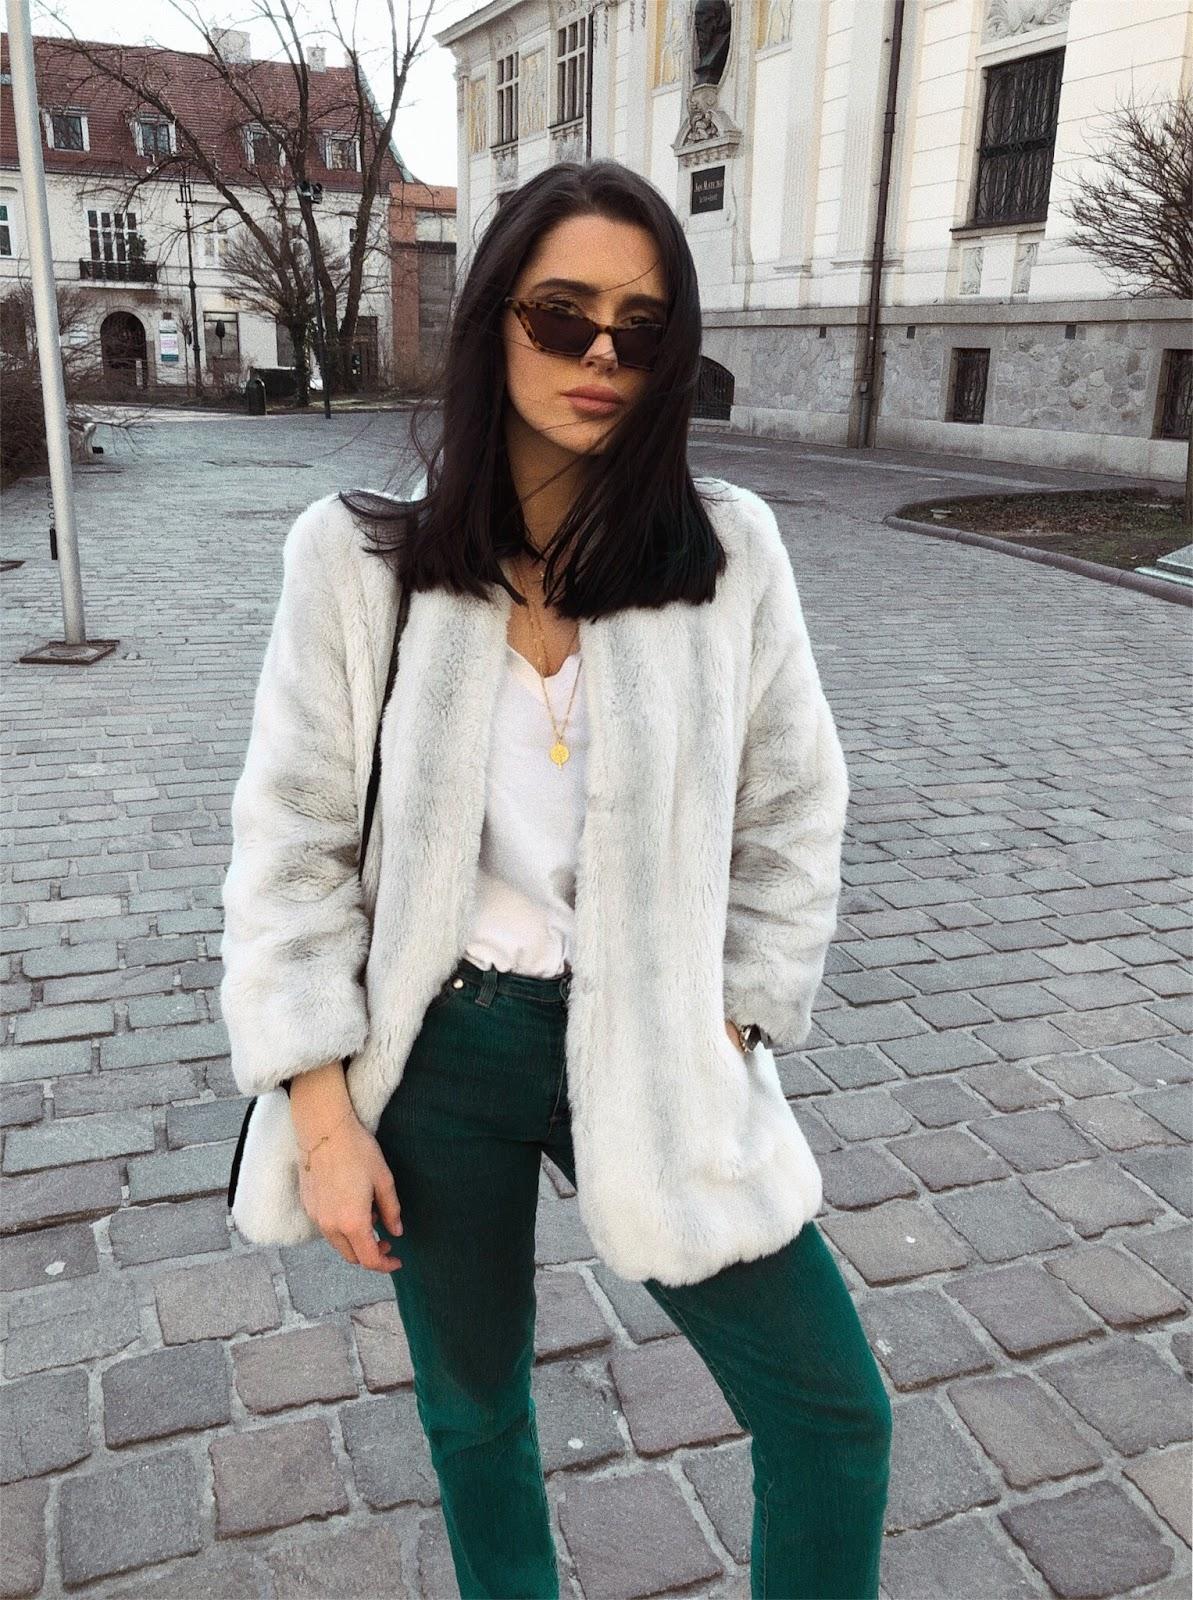 jak znaleźć swój styl, odnaleźć swój styl, jaki styl do ciebie pasuje, inspiracje modowe, style ubierania, style ubioru,